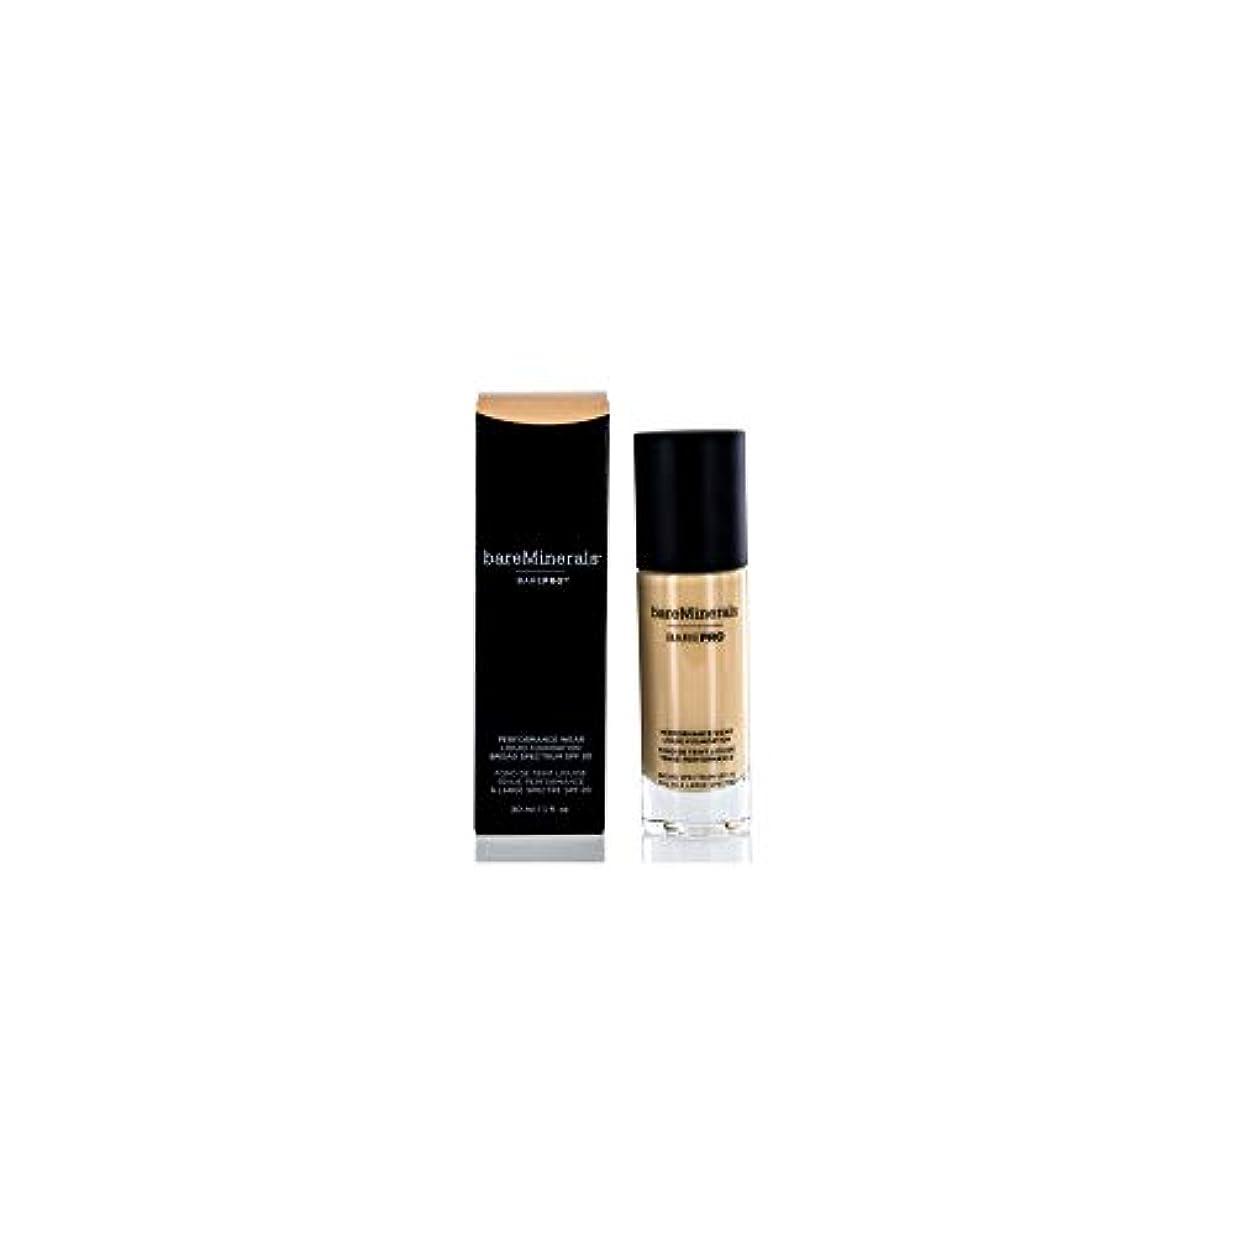 アルファベット順経験二週間ベアミネラル BarePro Performance Wear Liquid Foundation SPF20 - # 13 Golden Nude 30ml/1oz並行輸入品